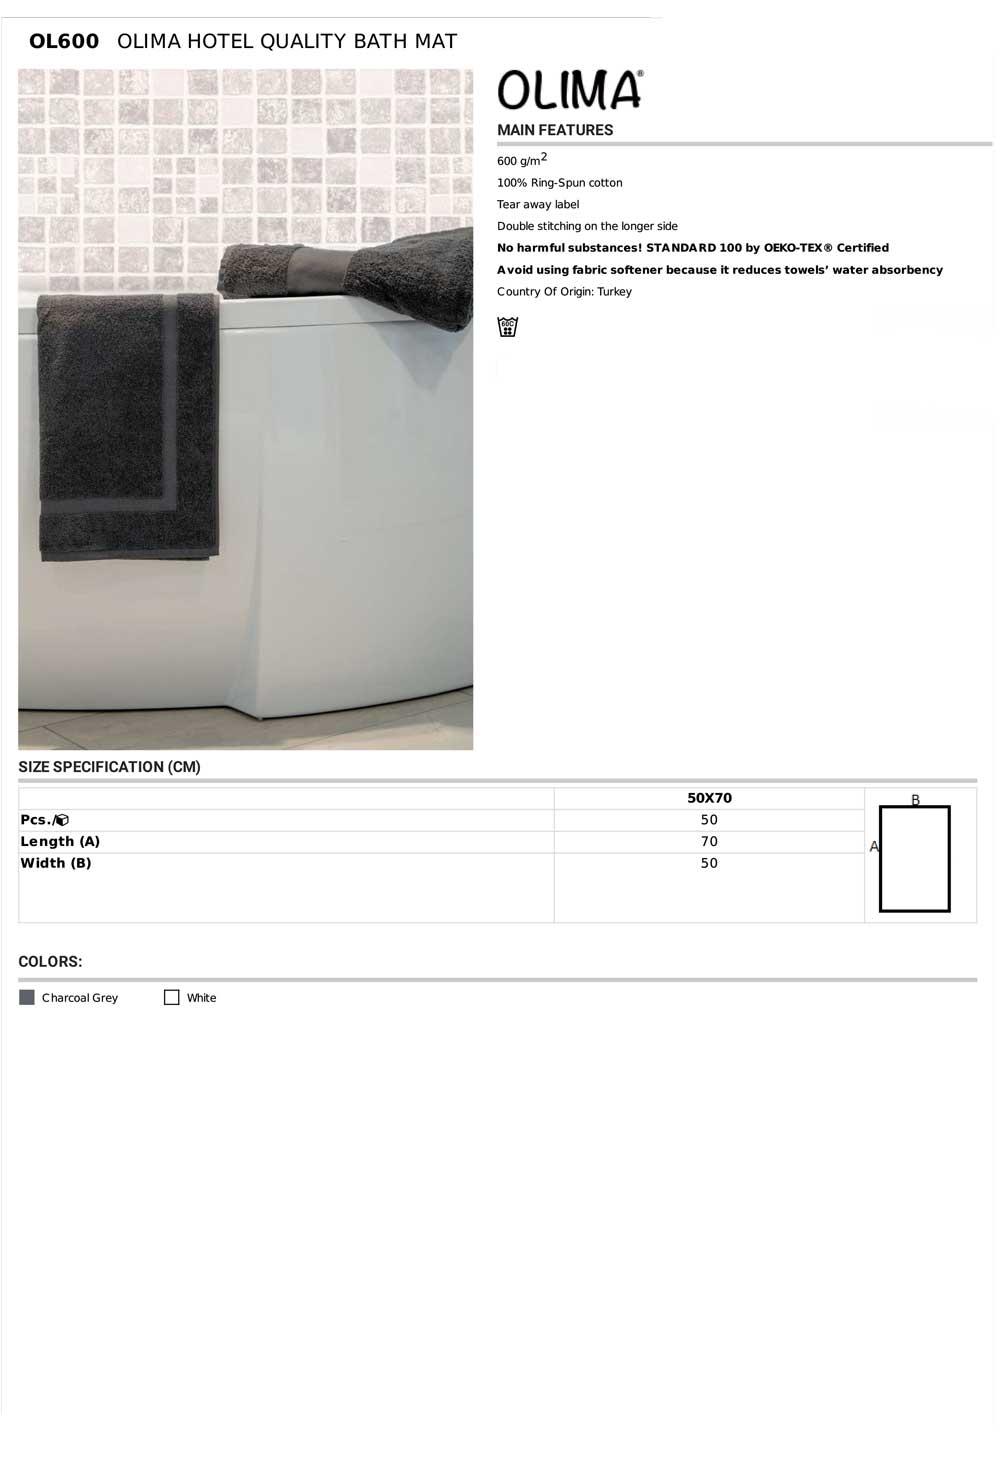 OL600 Specifikacije